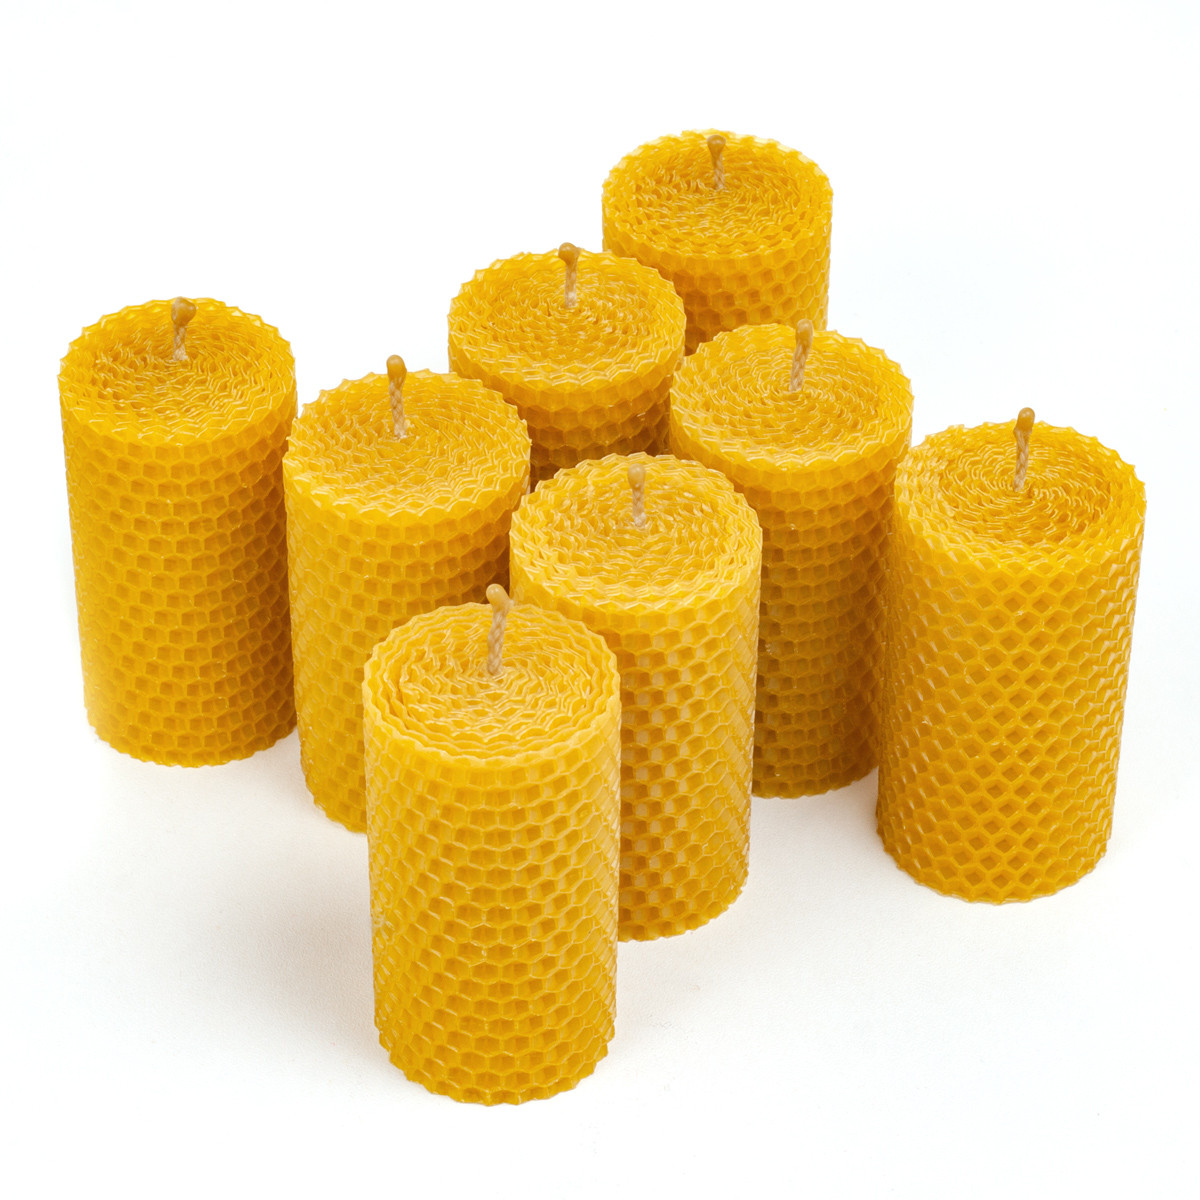 Набір cвічок з натурального бджолиного воску 8 шт круглої форми 8.5×4.5 см